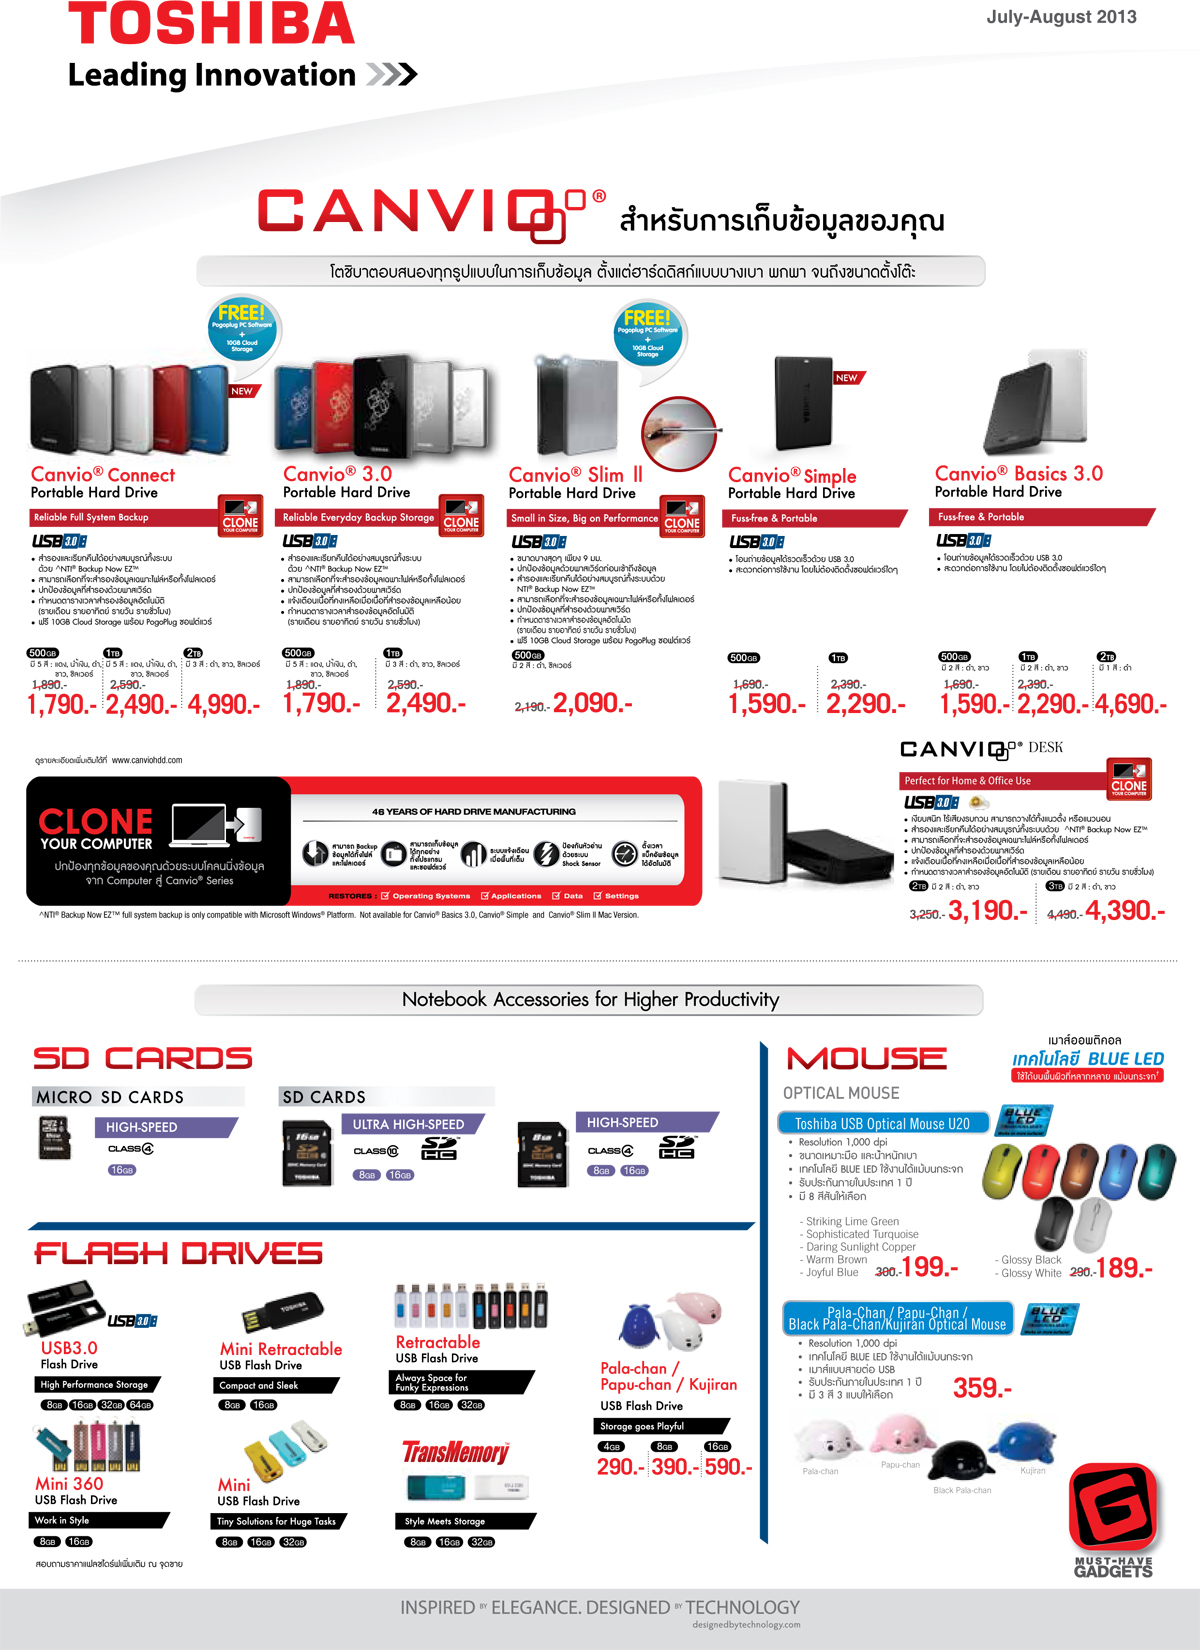 gadgets 07 08 20134 1